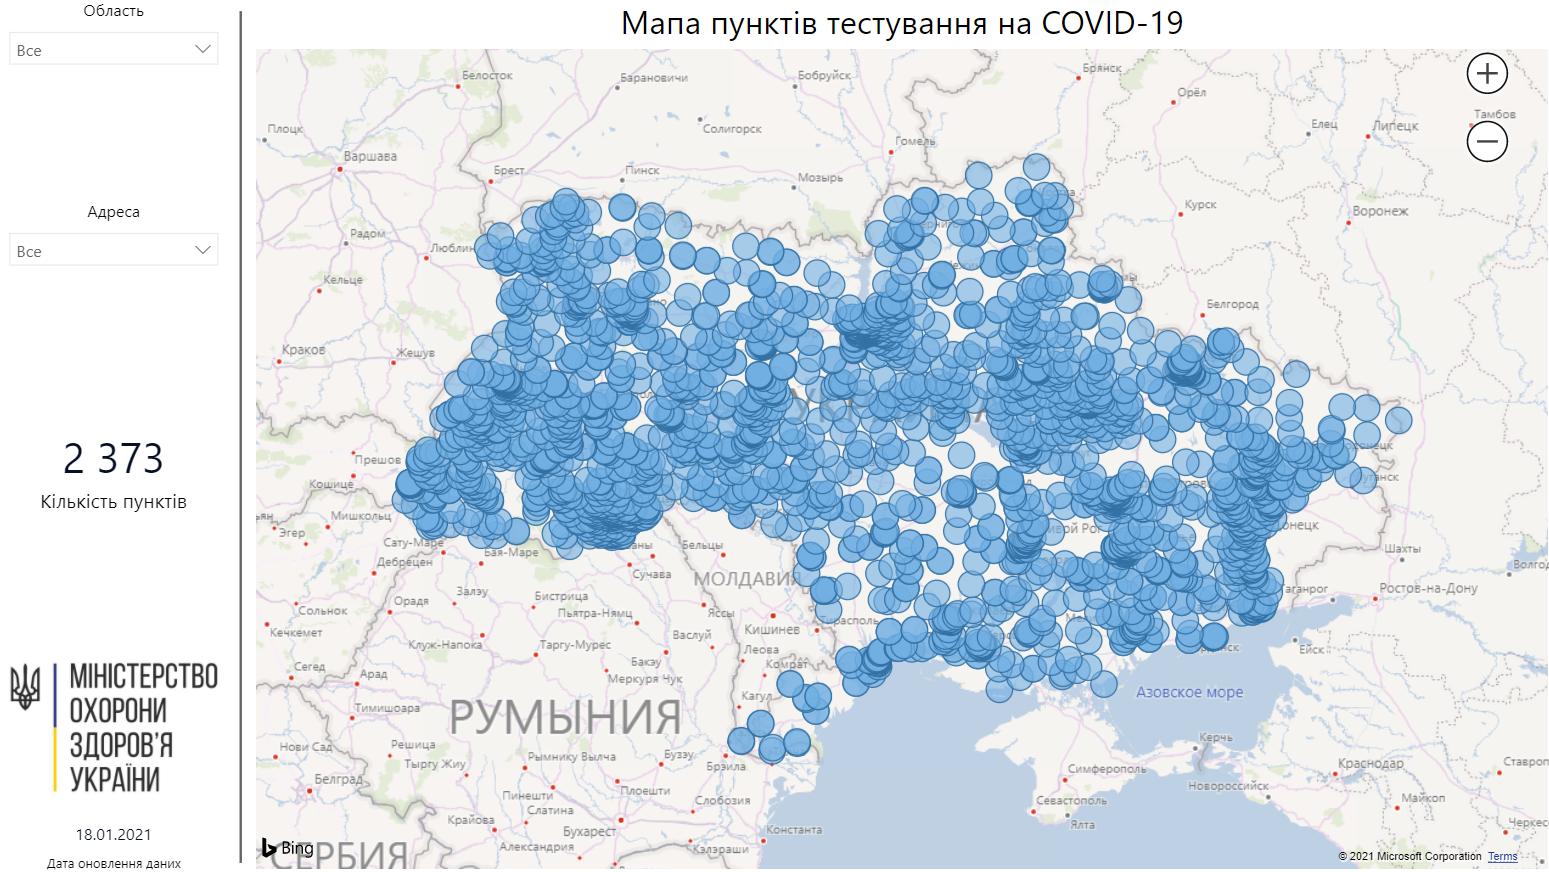 Мапа пунктів тестування на коронавірус